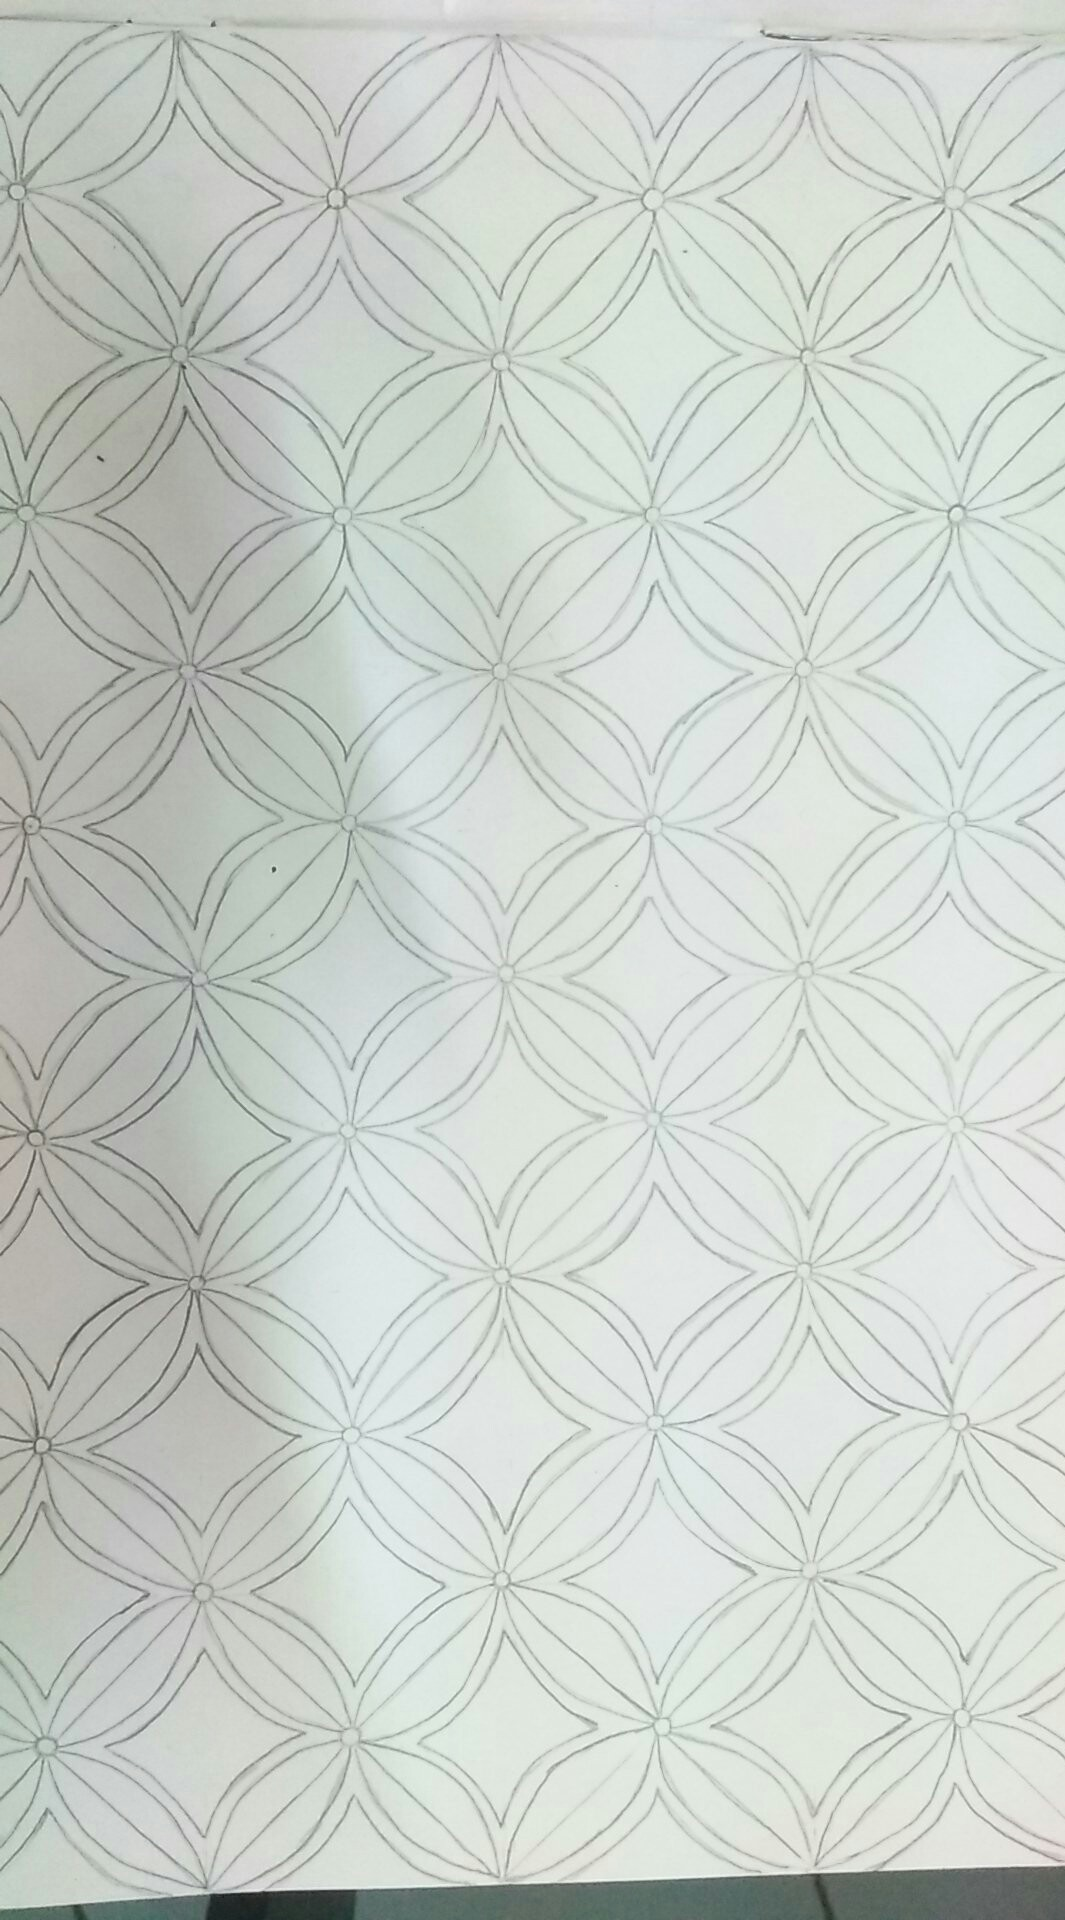 Warna Pensil Yang Cocok Untuk Mewarnai Gambar Batik Ini